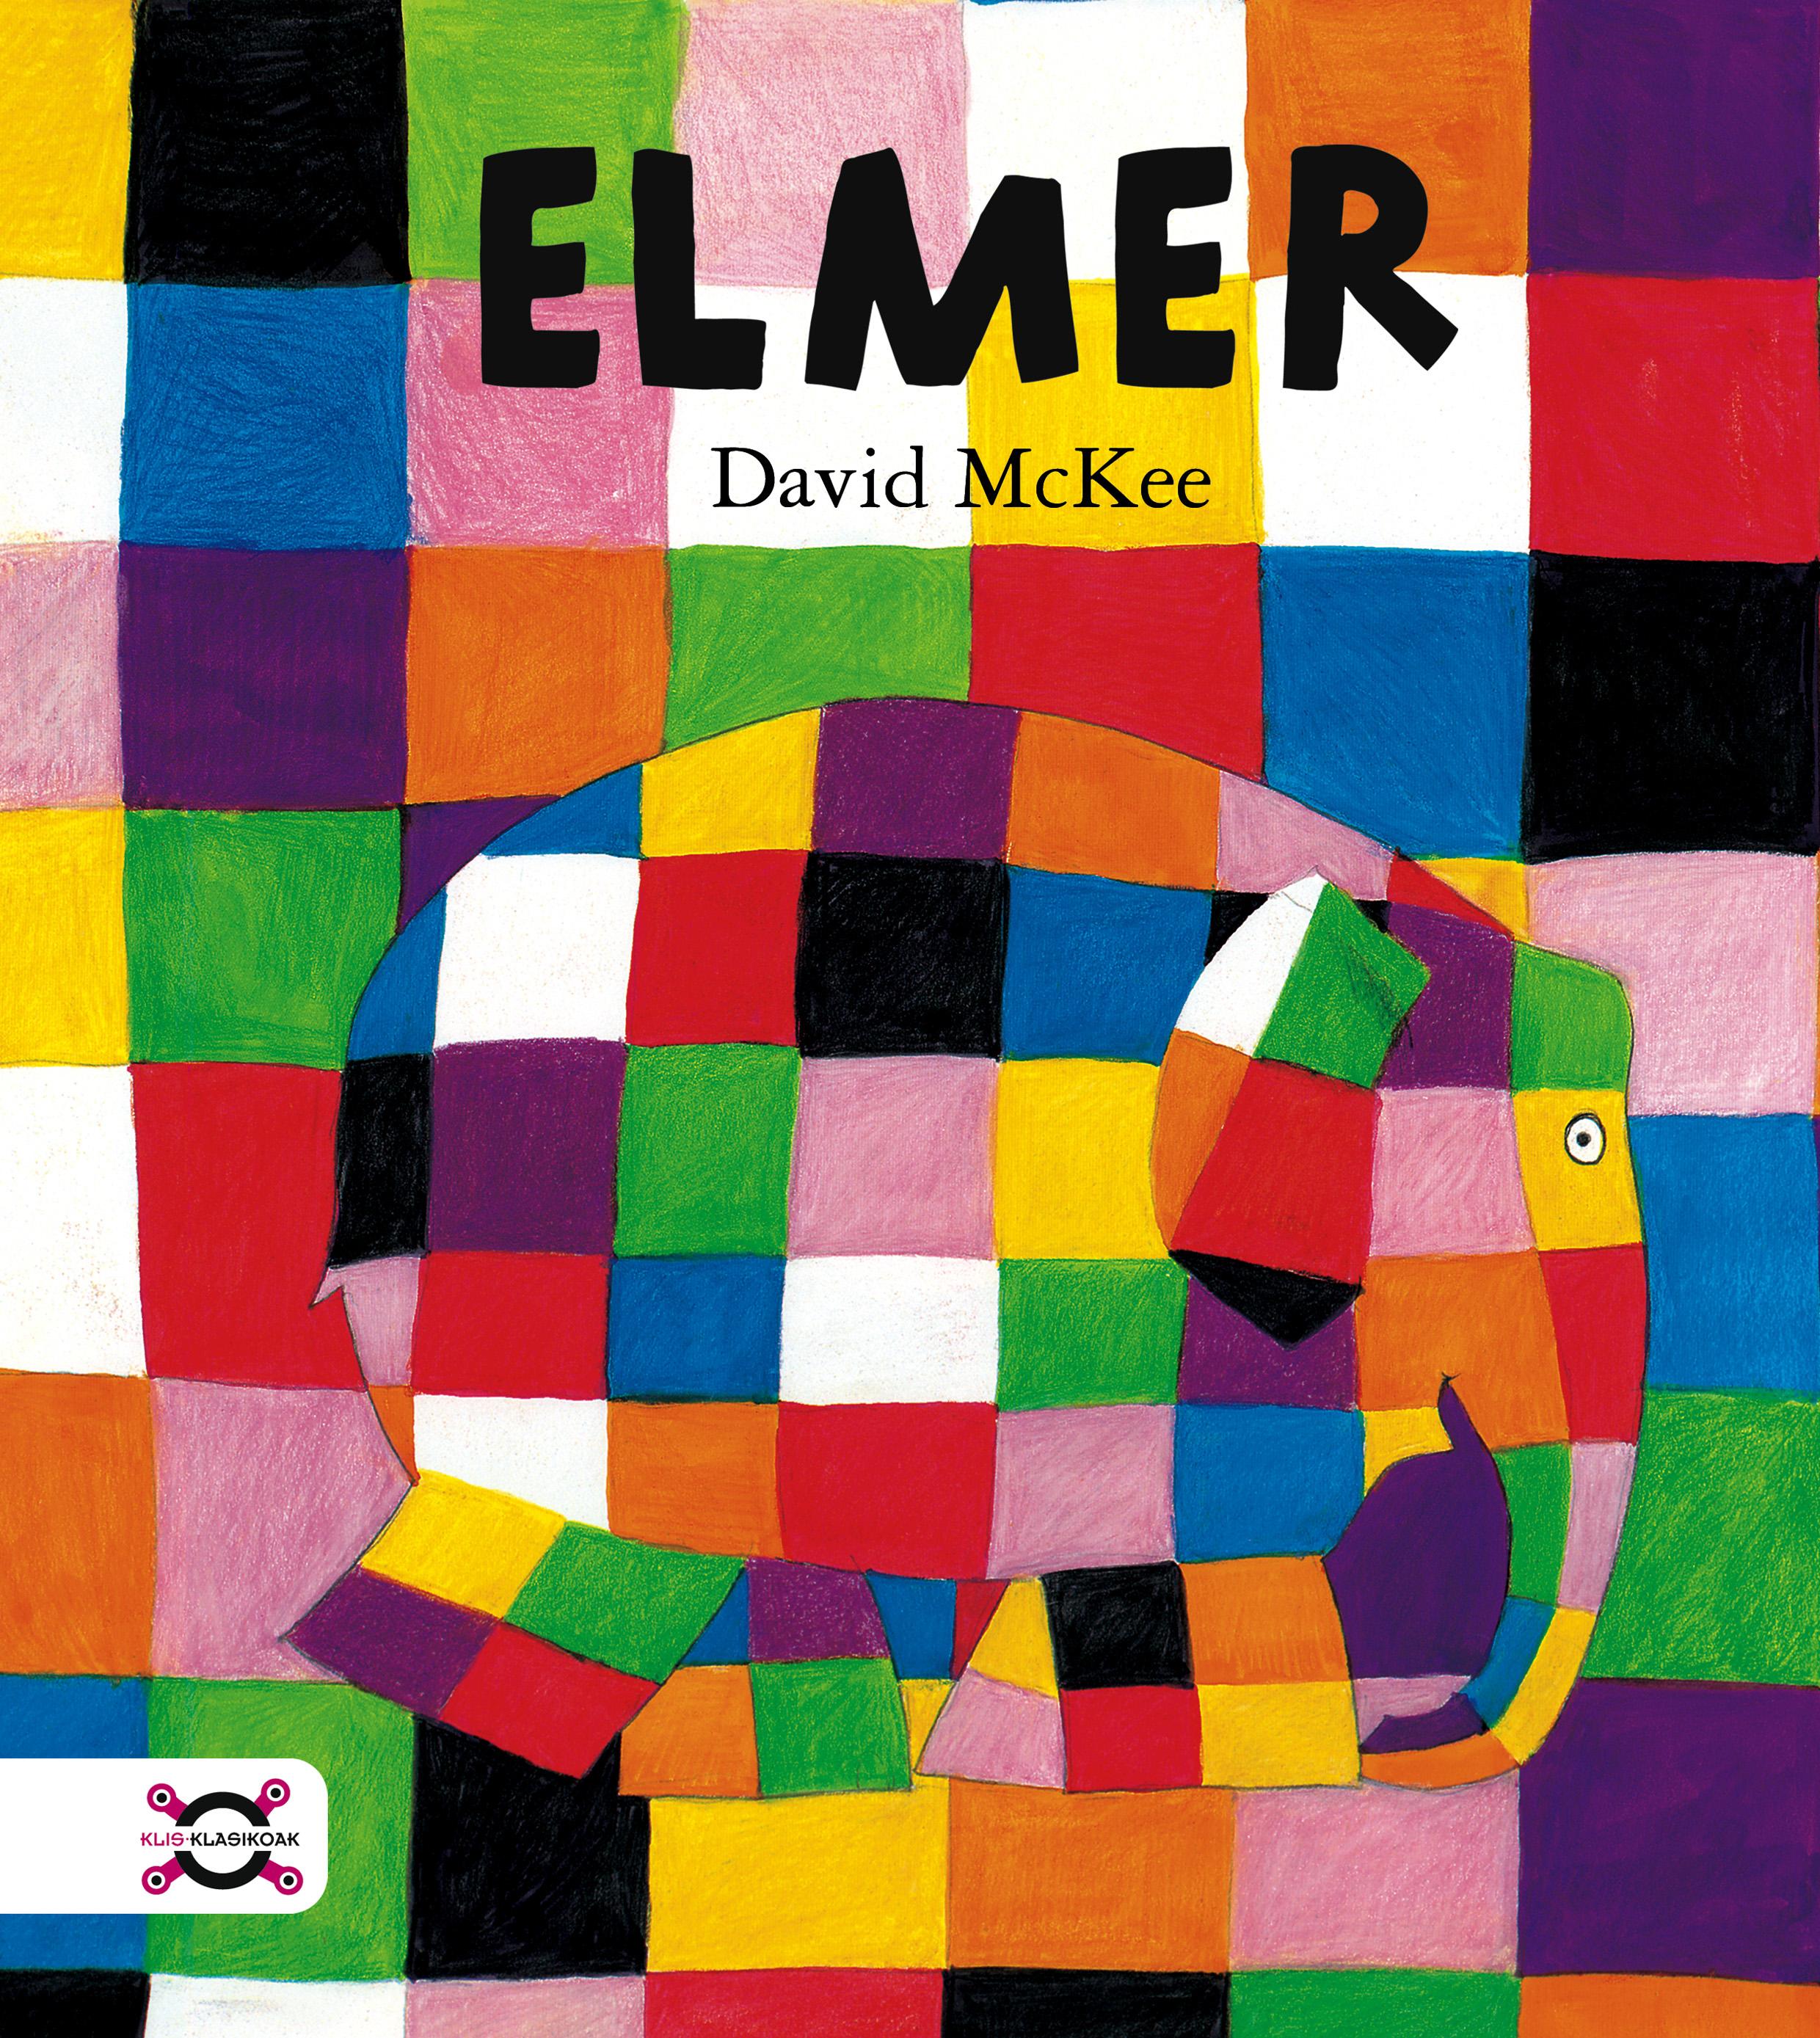 Elmer